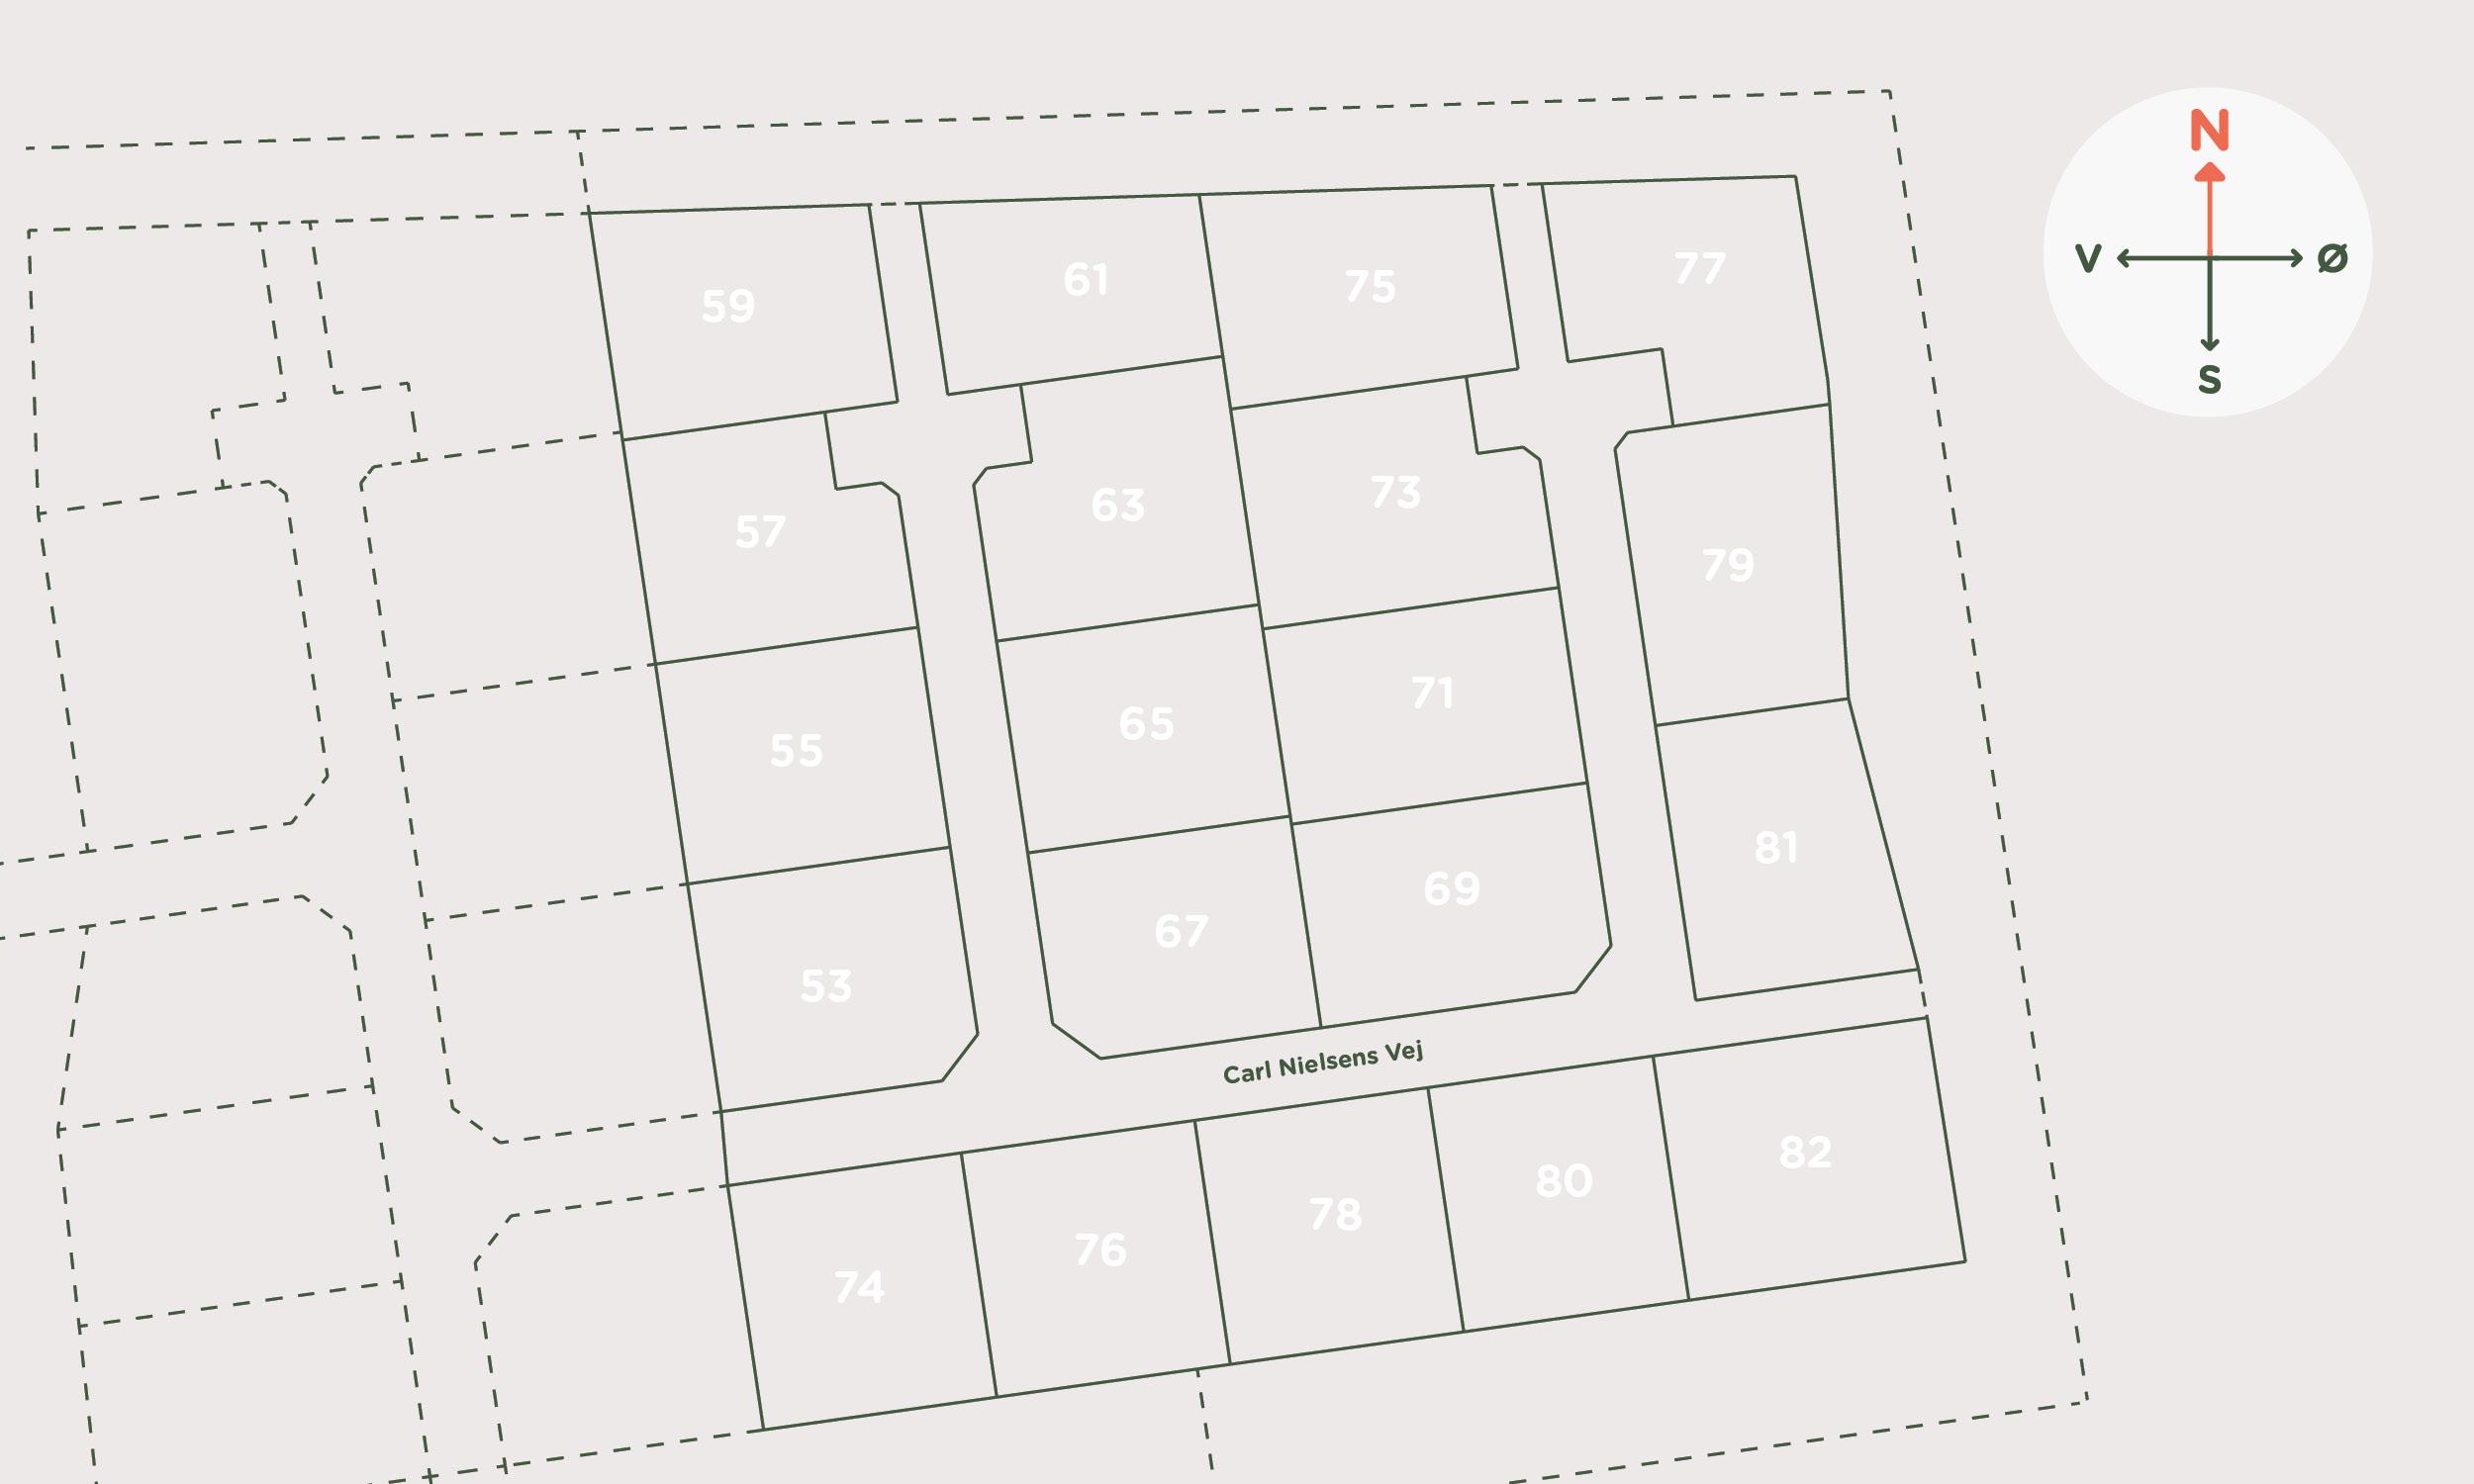 Hybel Projekt - Carl Nielsens Vej, Frejlev Oversigt